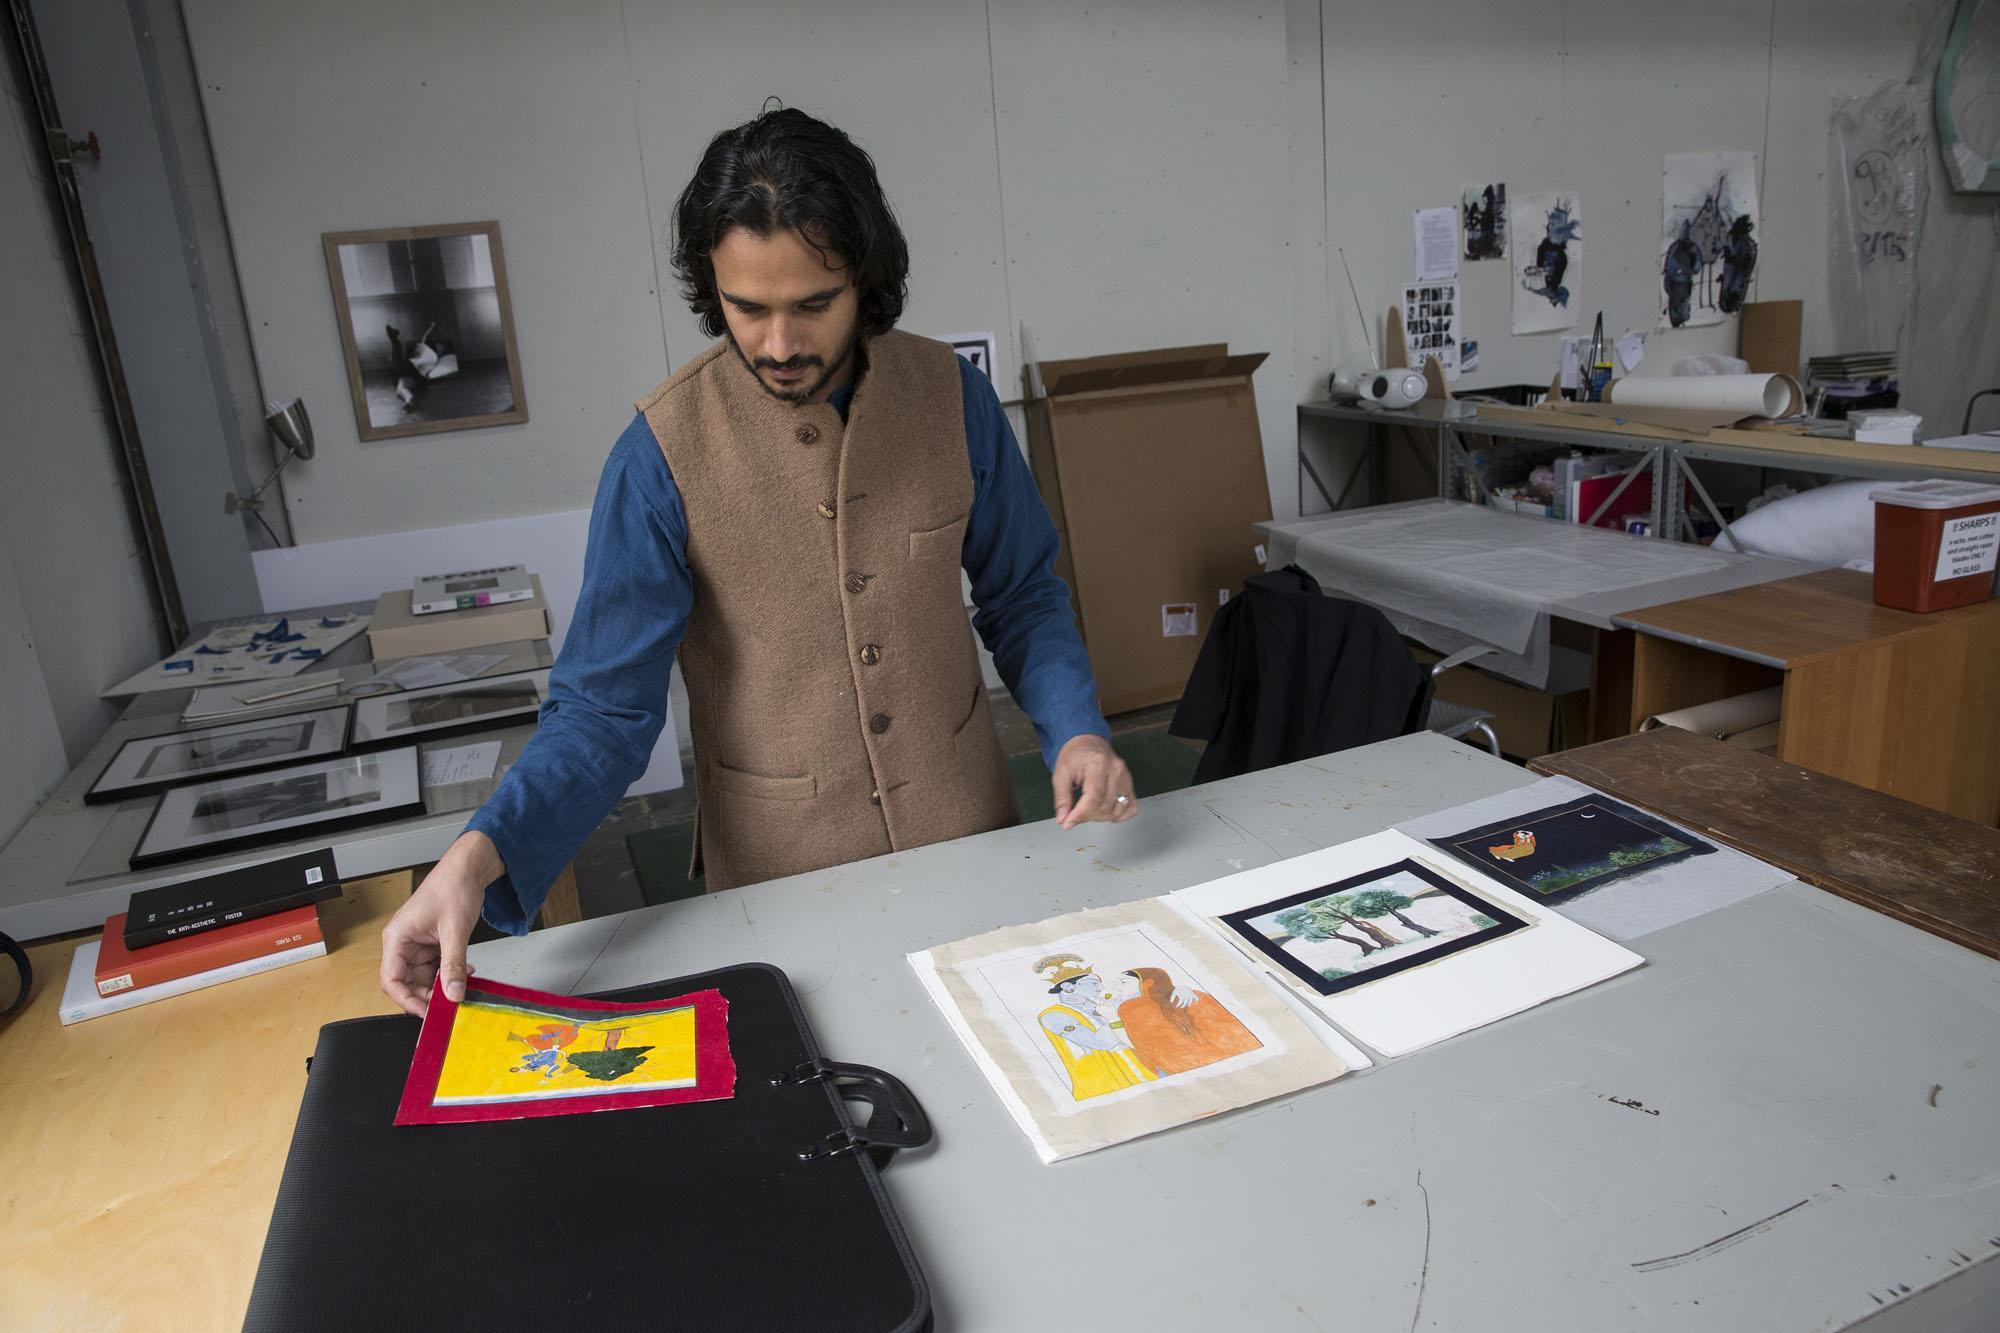 Art history graduate student Murad Mumtaz